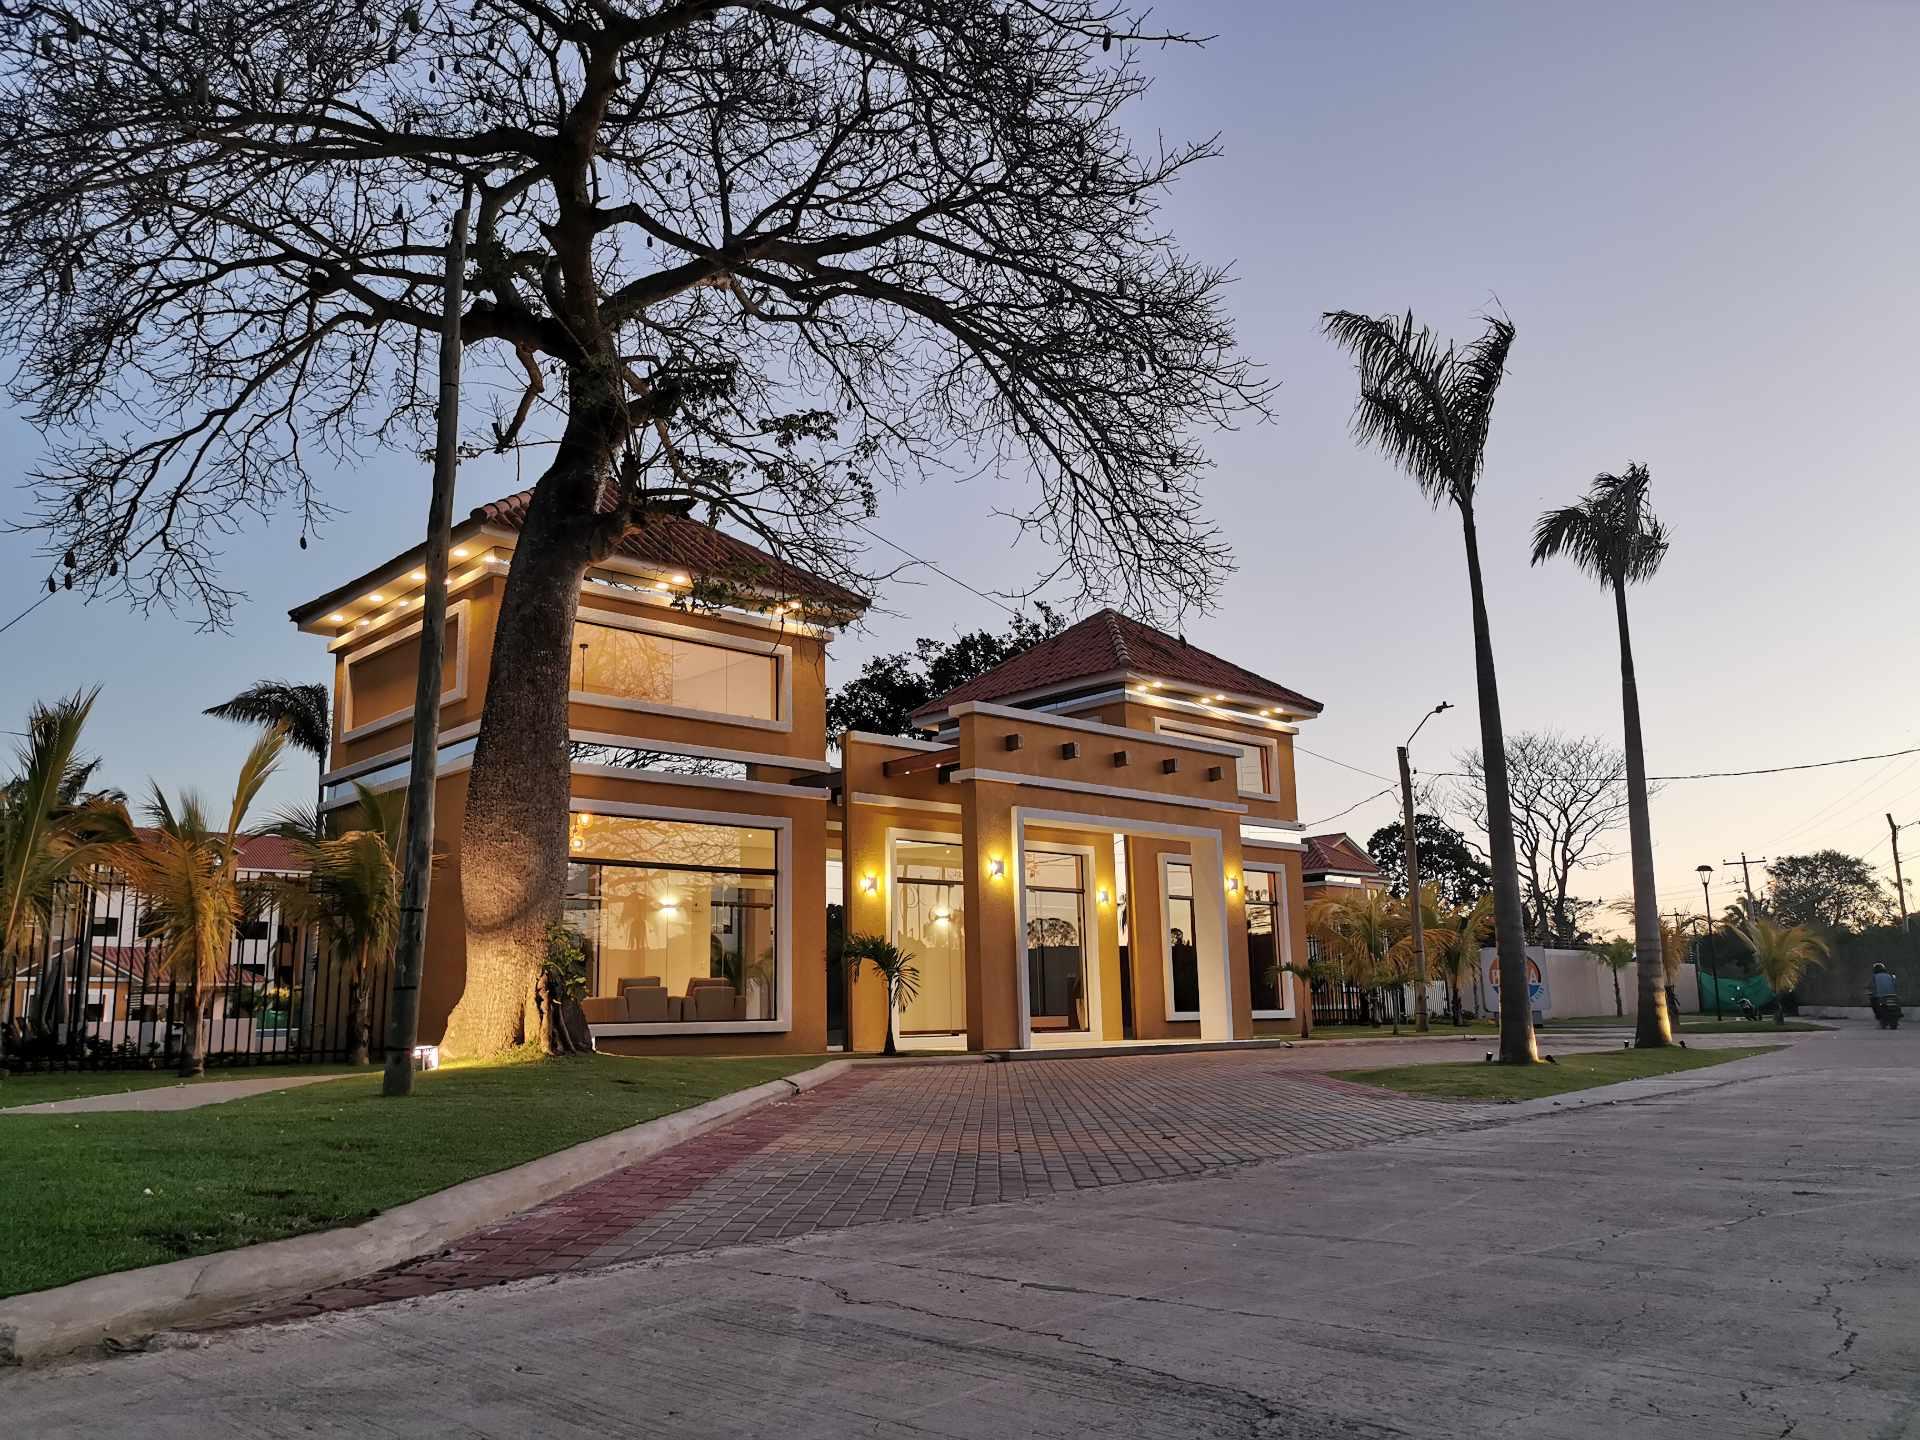 Club Piazza